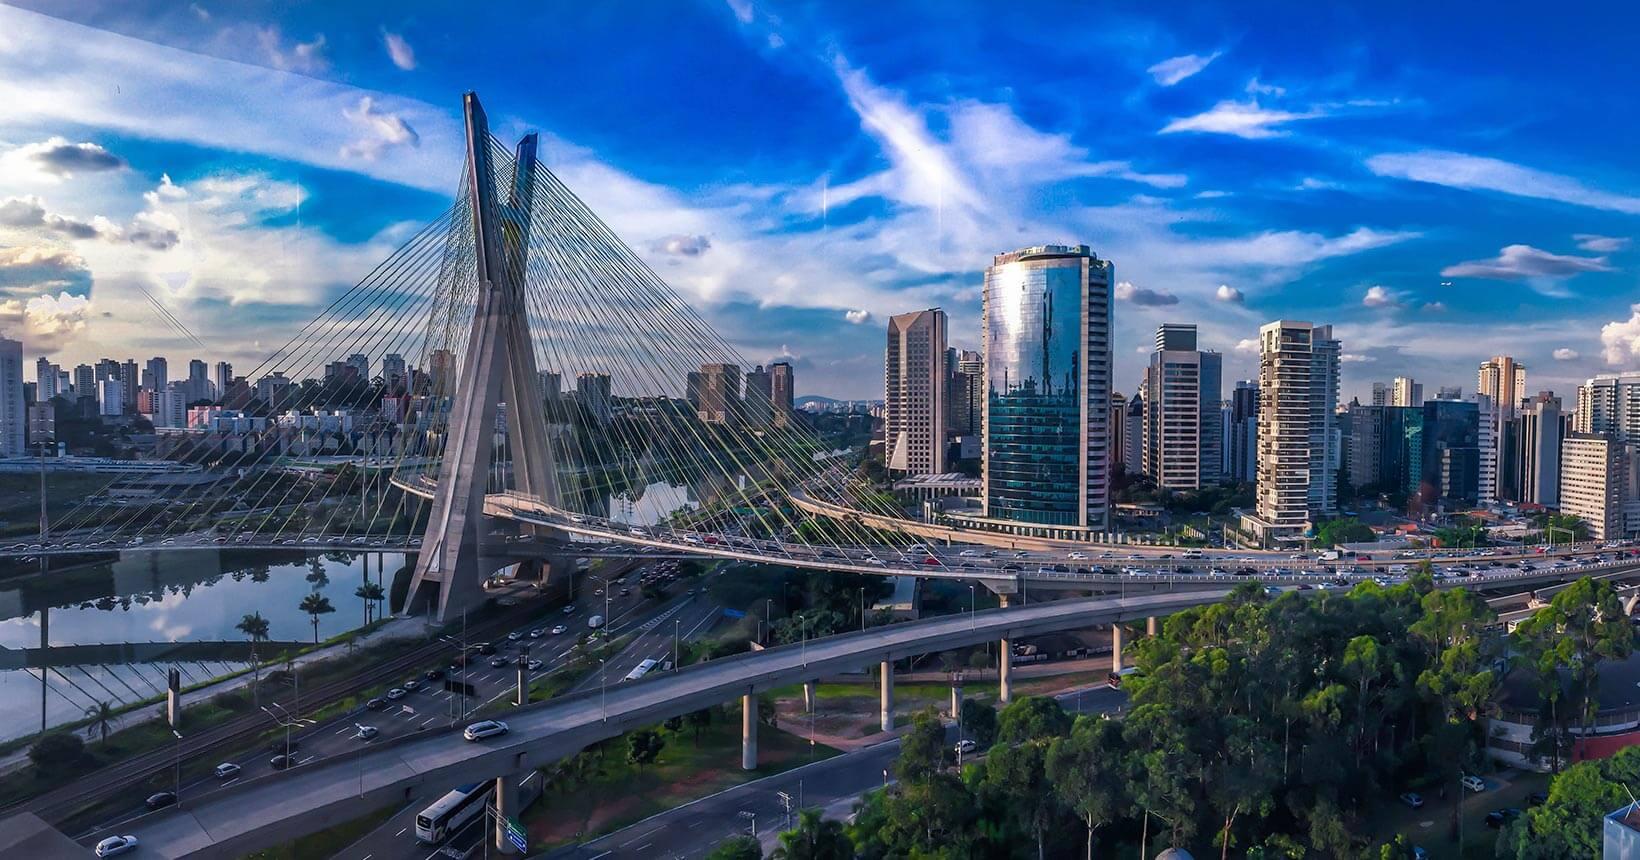 Imagem aérea de São Paulo, em dia de céu azul, na qual se vê prédios, a ponte estaiada e parte do rio Tietê